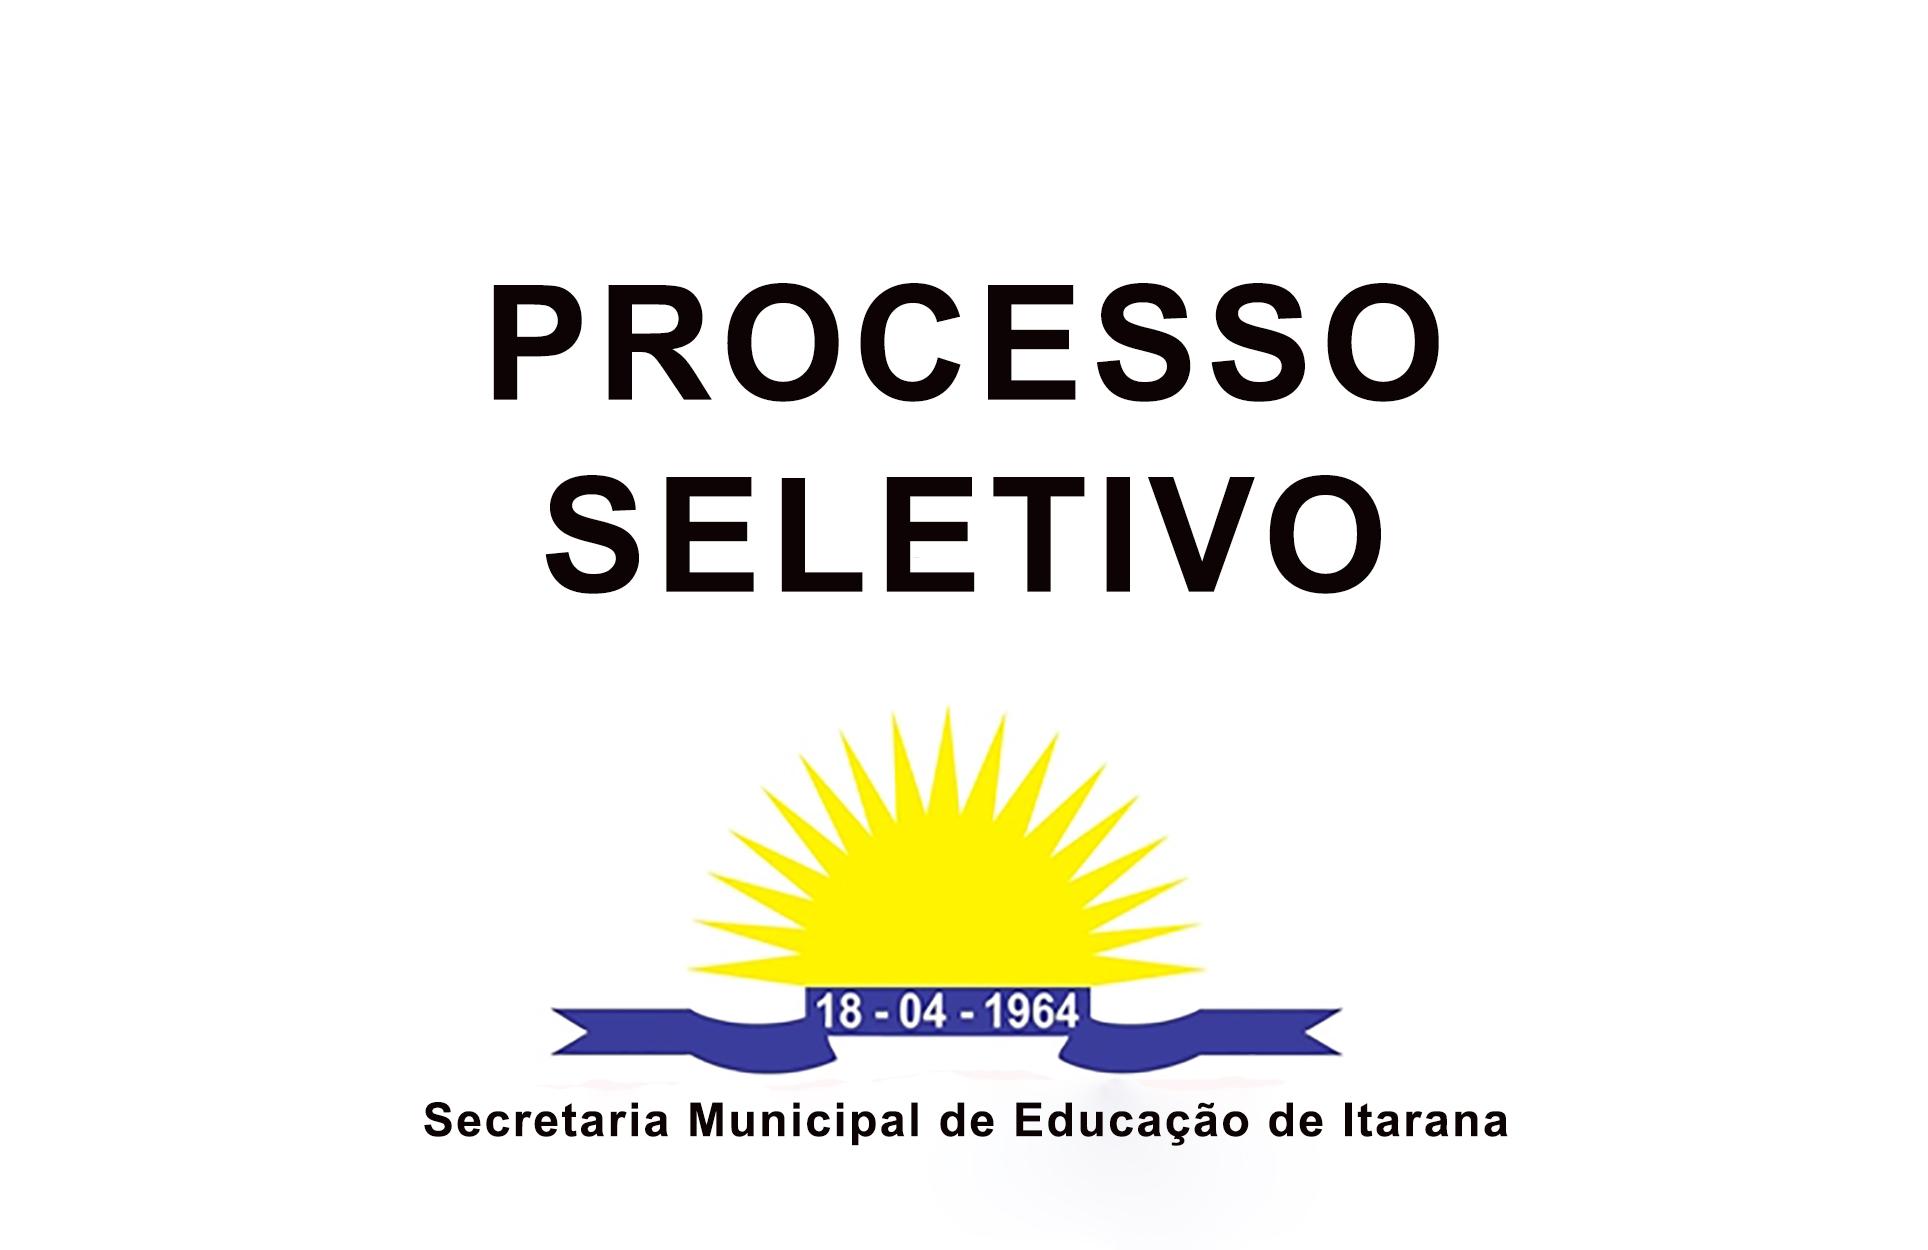 Processo seletivo para Professor DT começa no dia 08 de dezembro